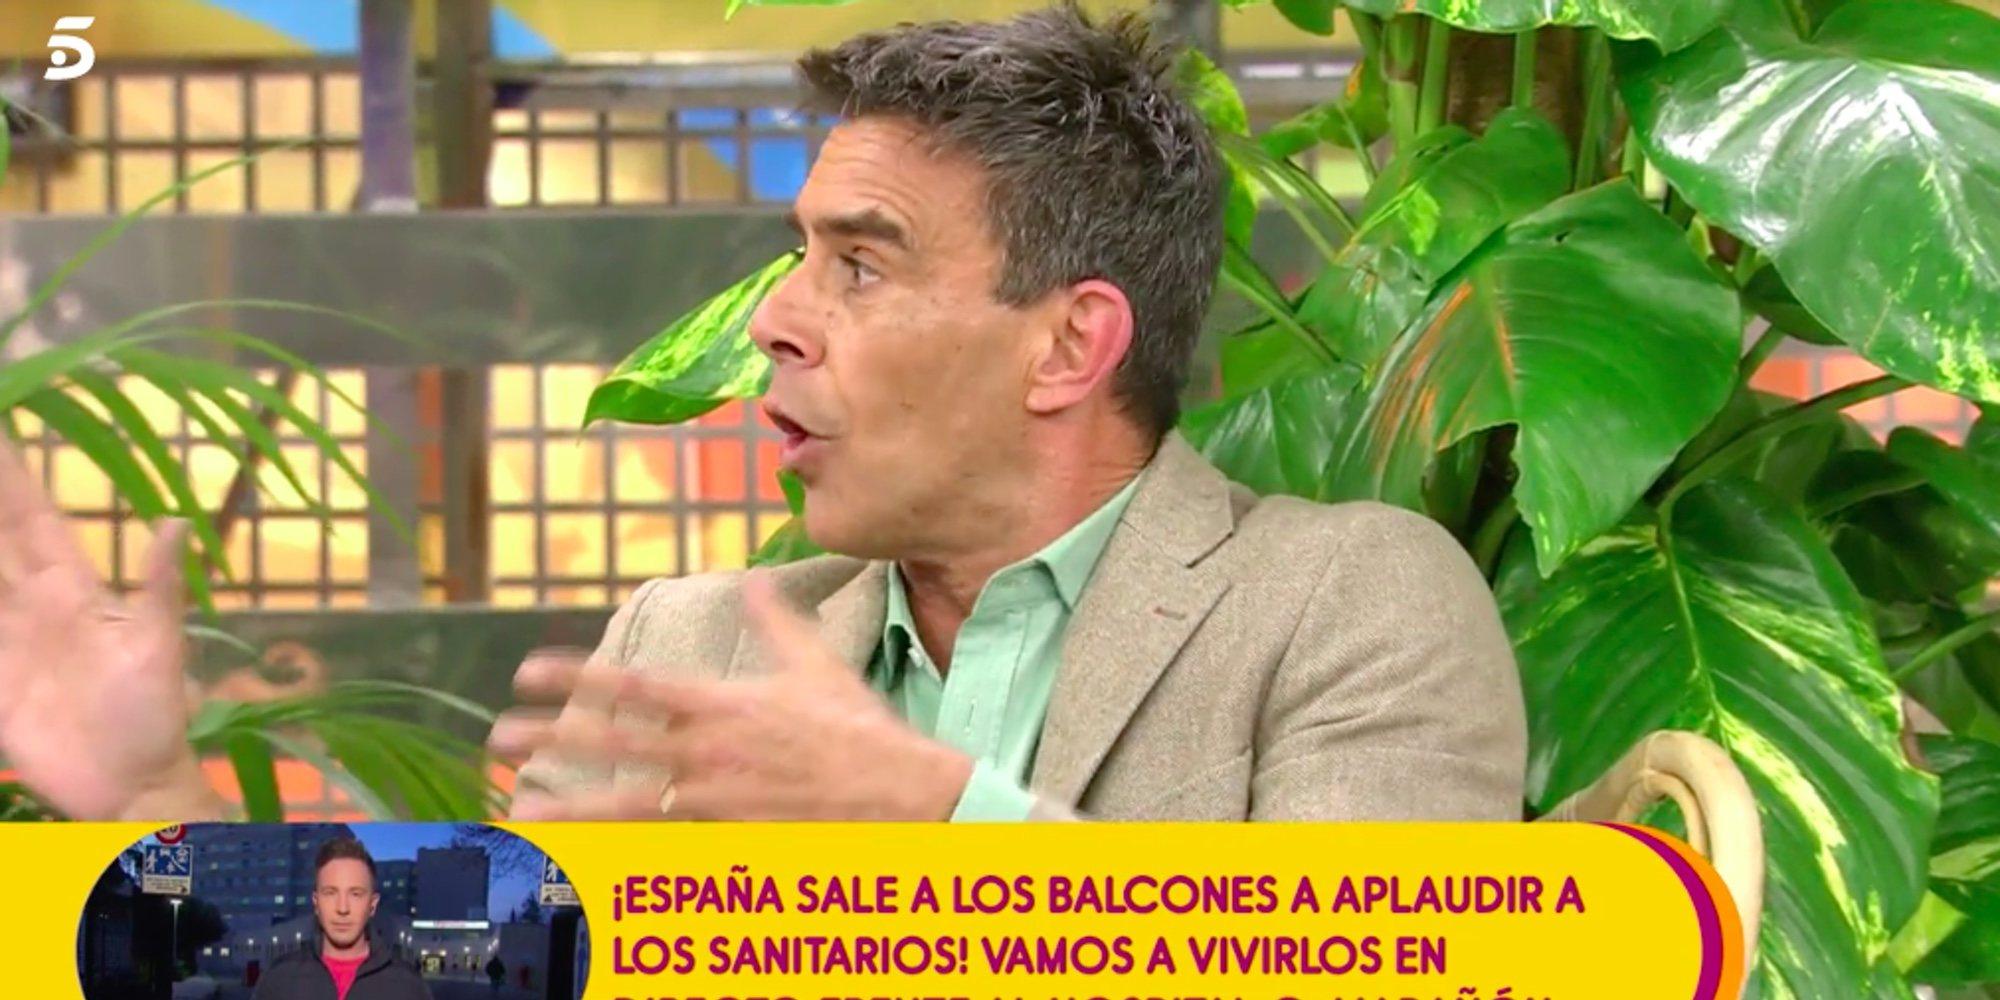 """Alonso Caparrós arremete contra Antonio David: """"Me alucinan los malos pensamientos que albergas"""""""